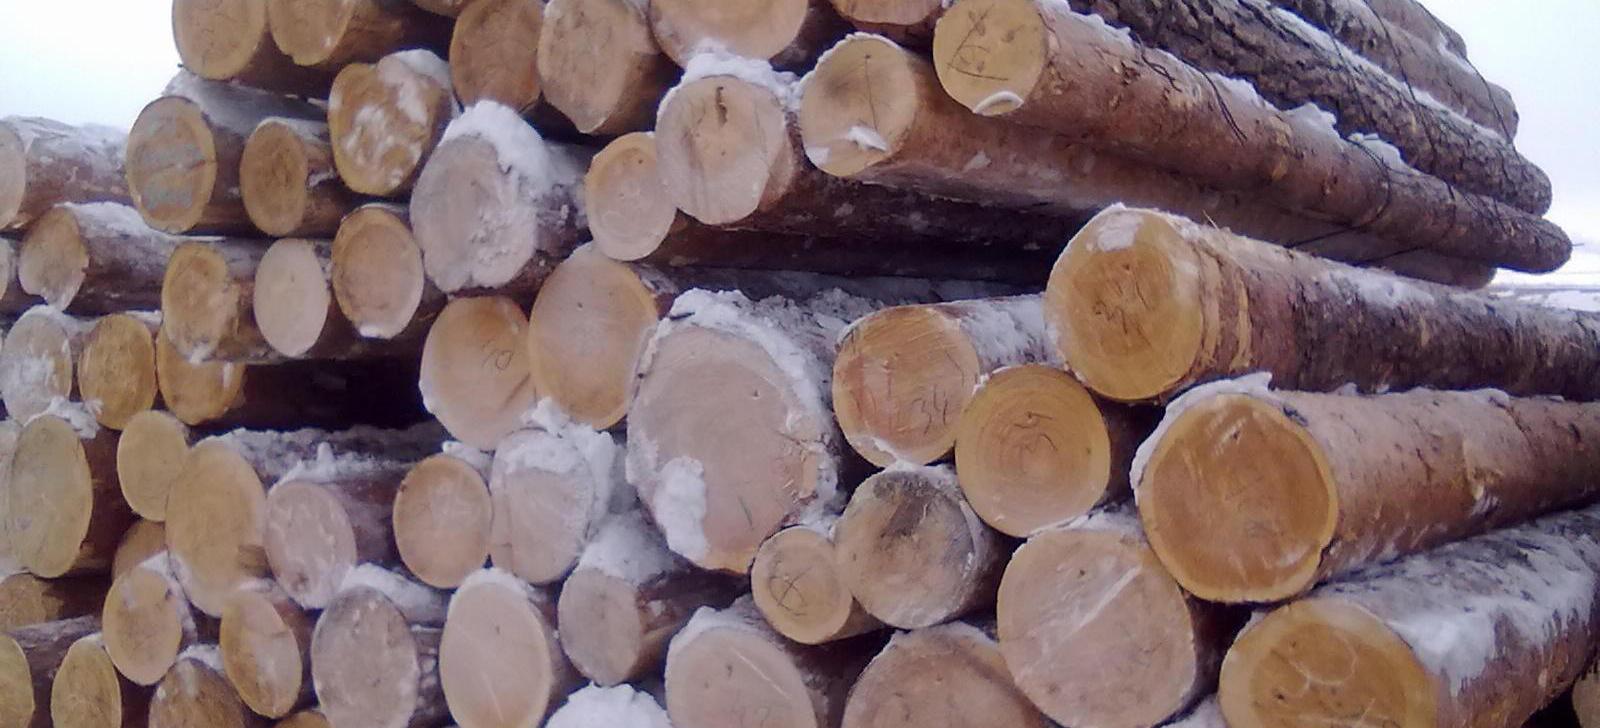 年后原木市场怎么样?